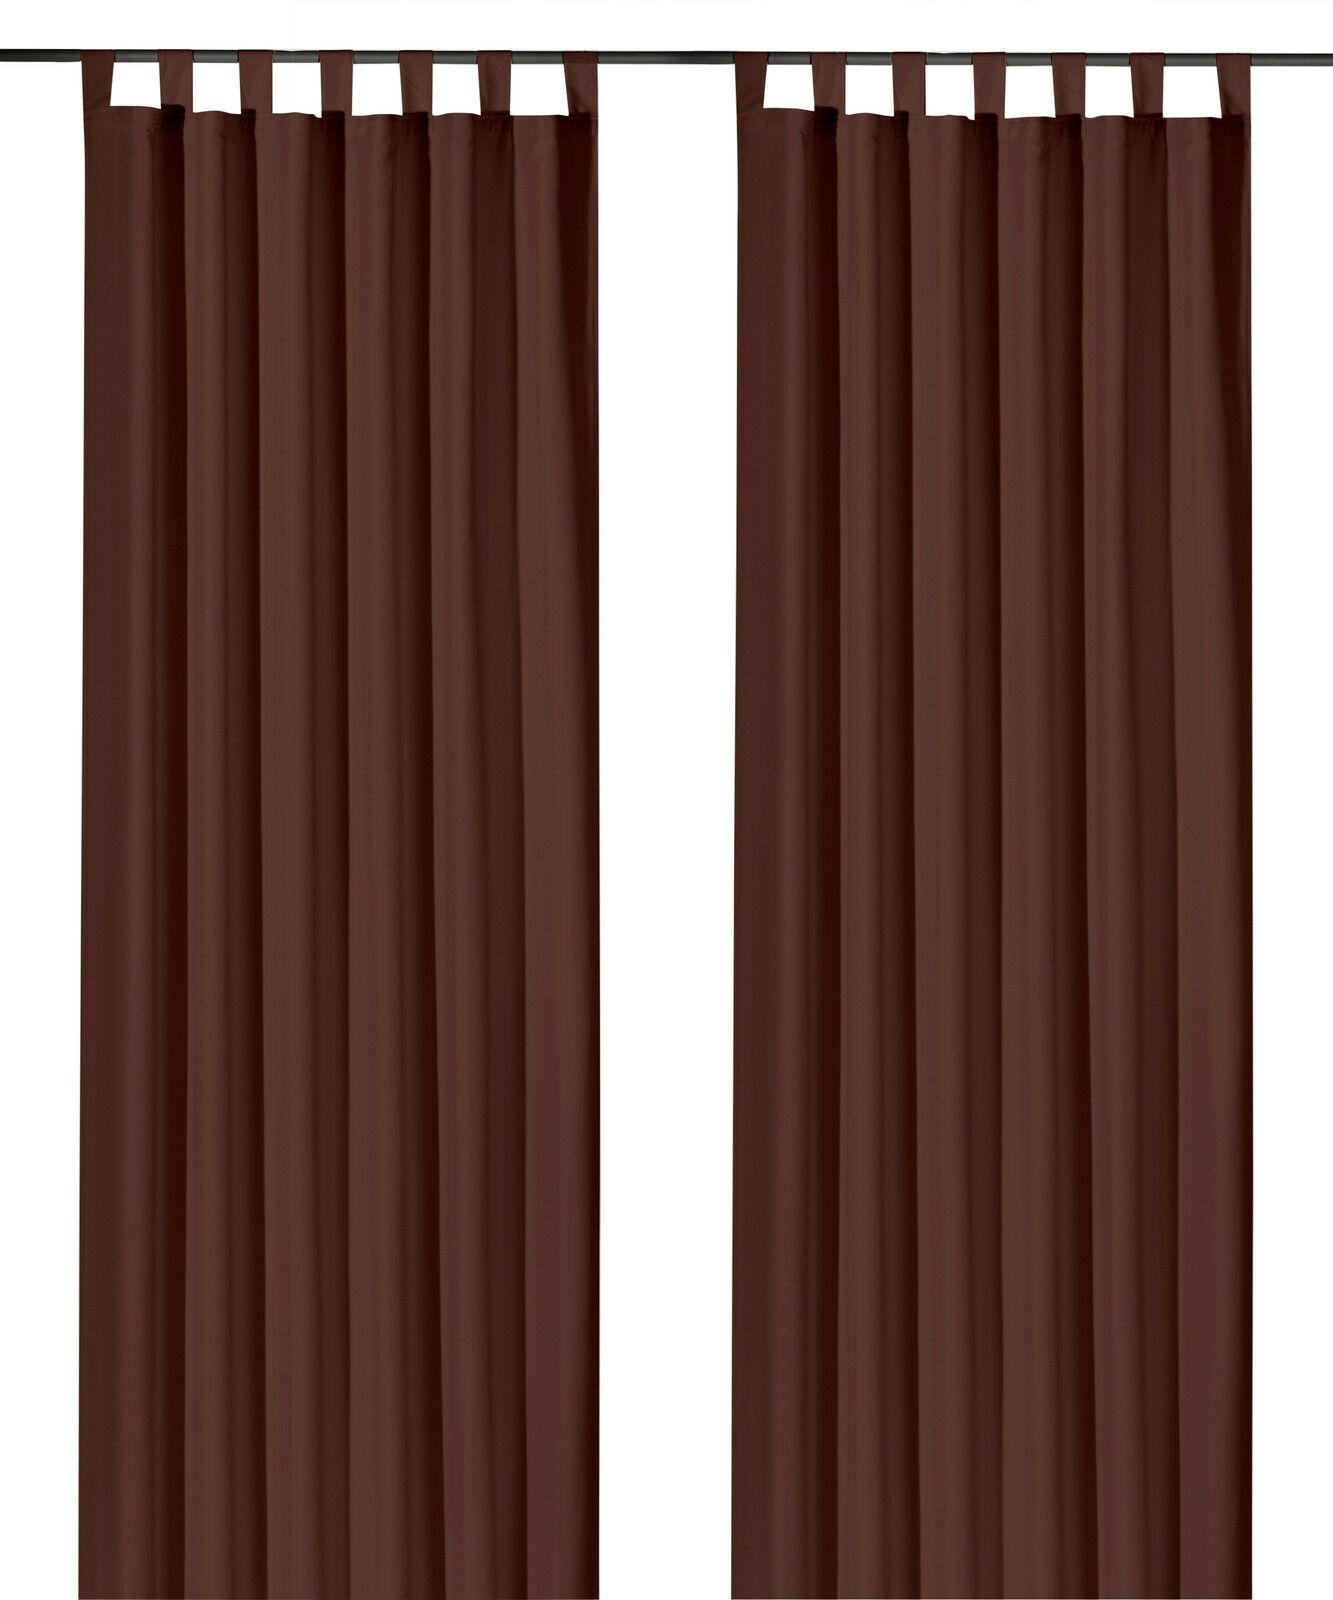 Schlaufenschal-inkl-Kraeuselband-blickdicht-Gardine-Vorhang-Dekoschal-Uni-Typ117 Indexbild 21